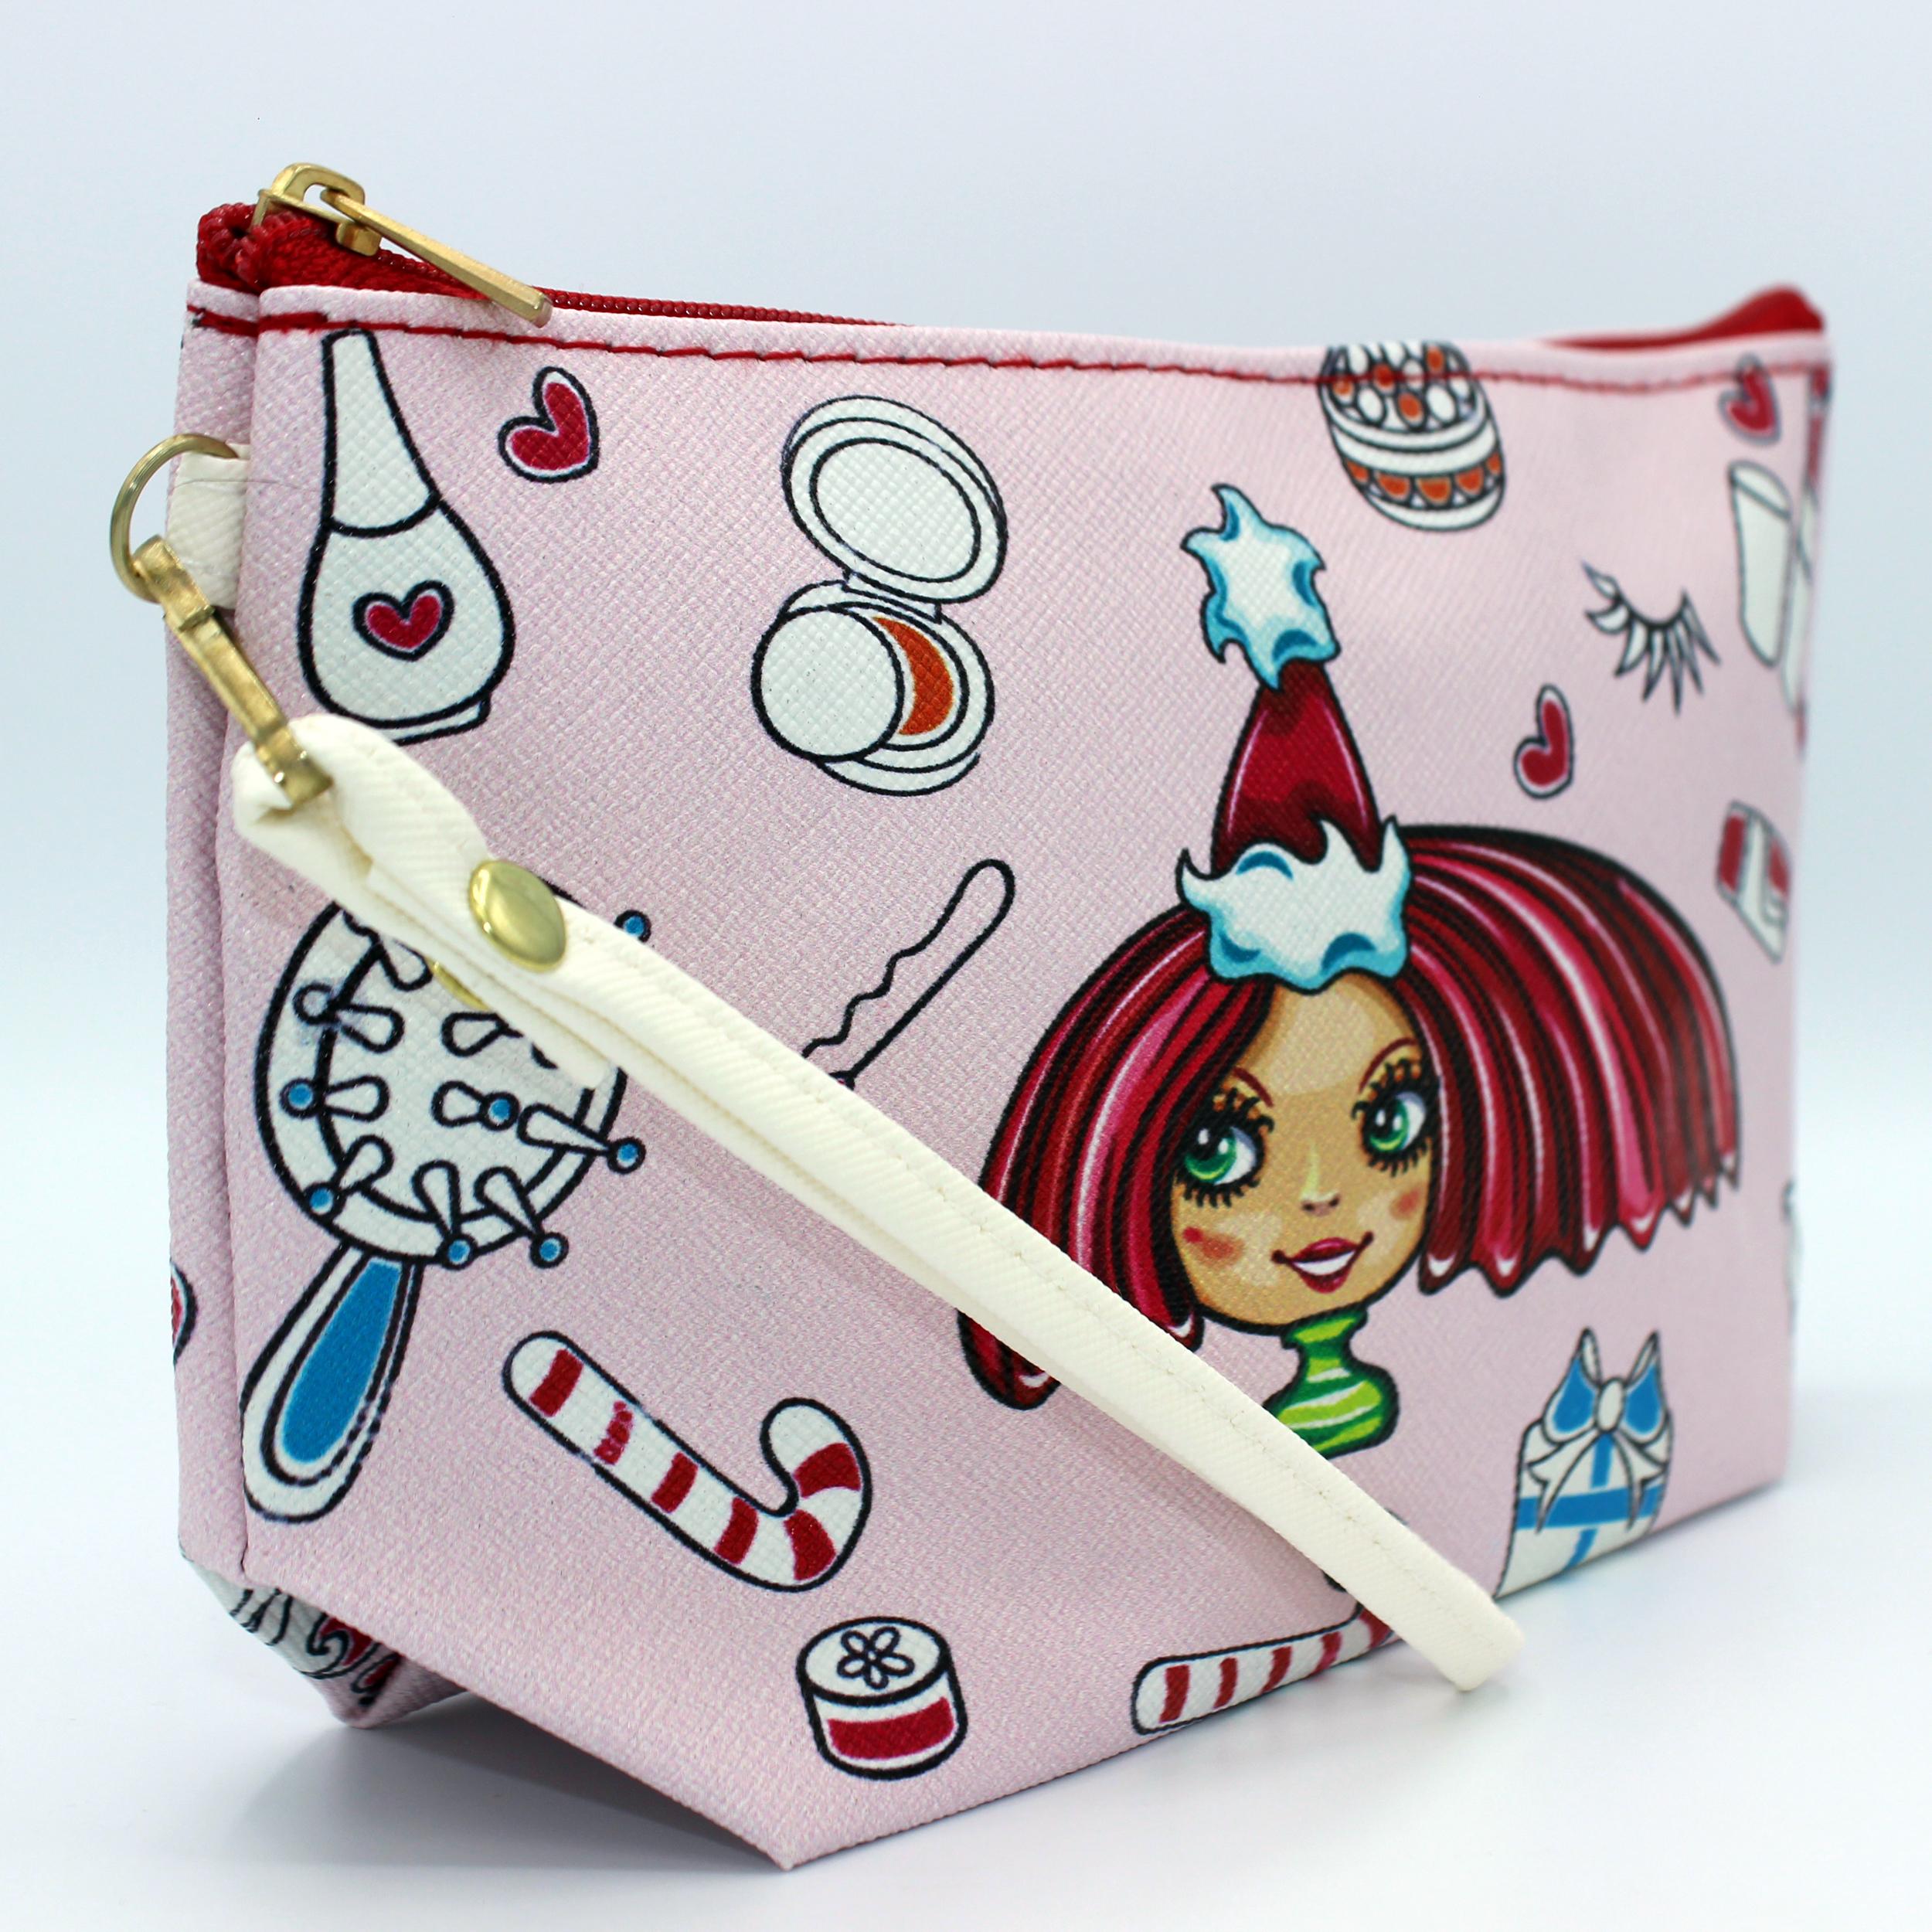 کیف لوازم آرایش طرح دختر کد IDM 192